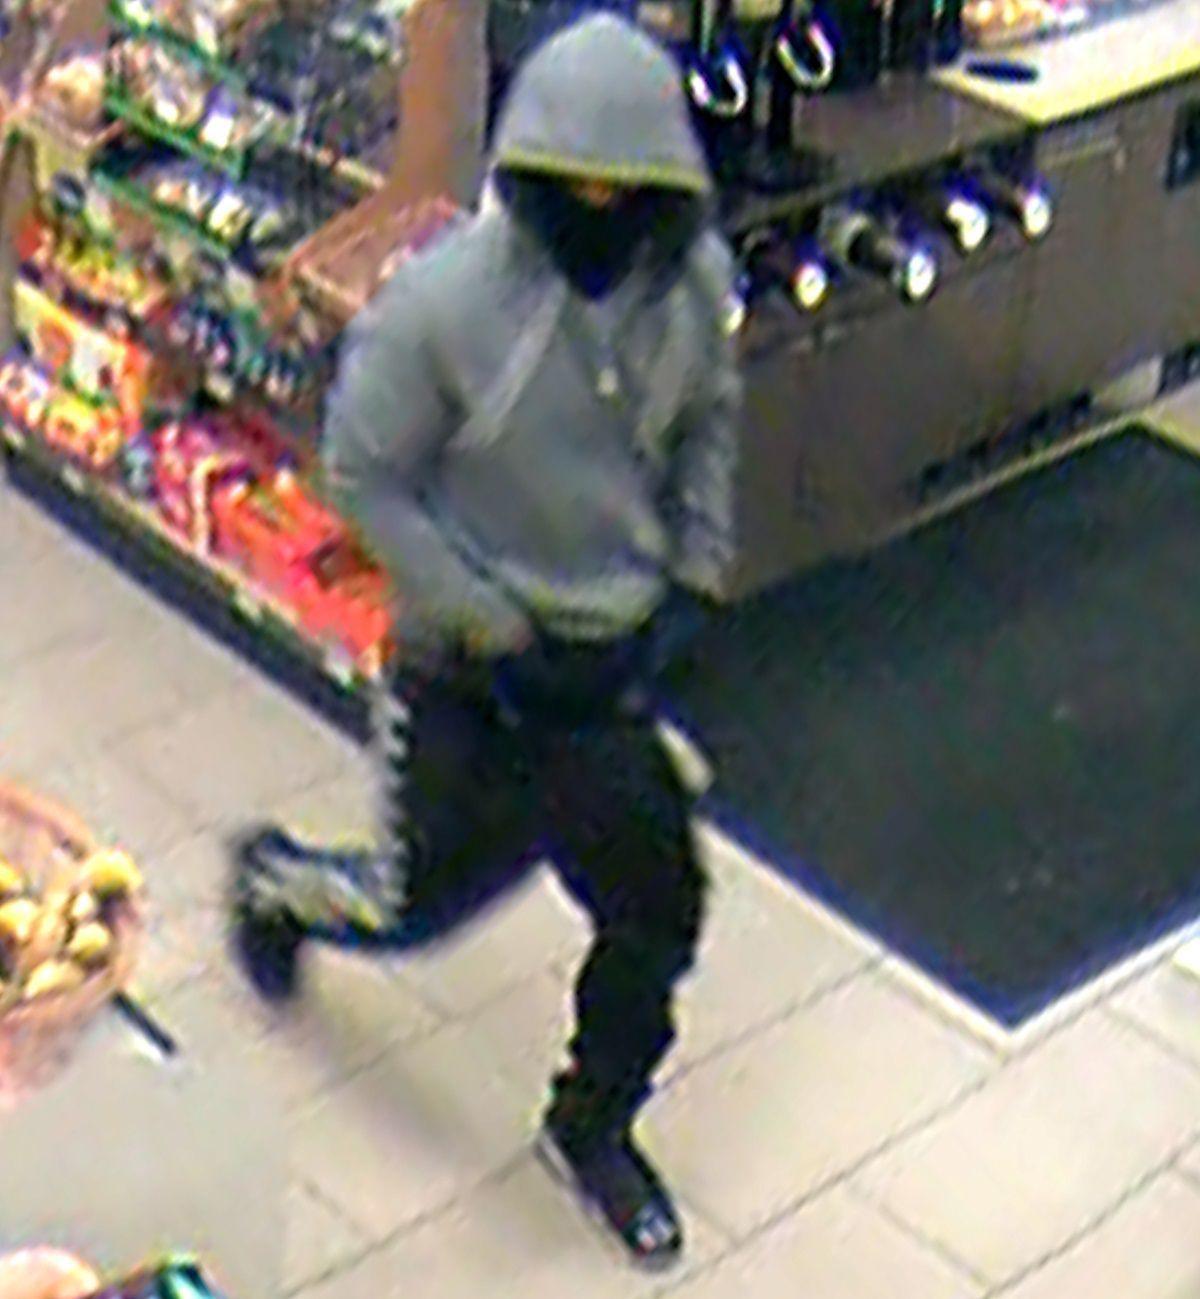 7-Eleven Suspect